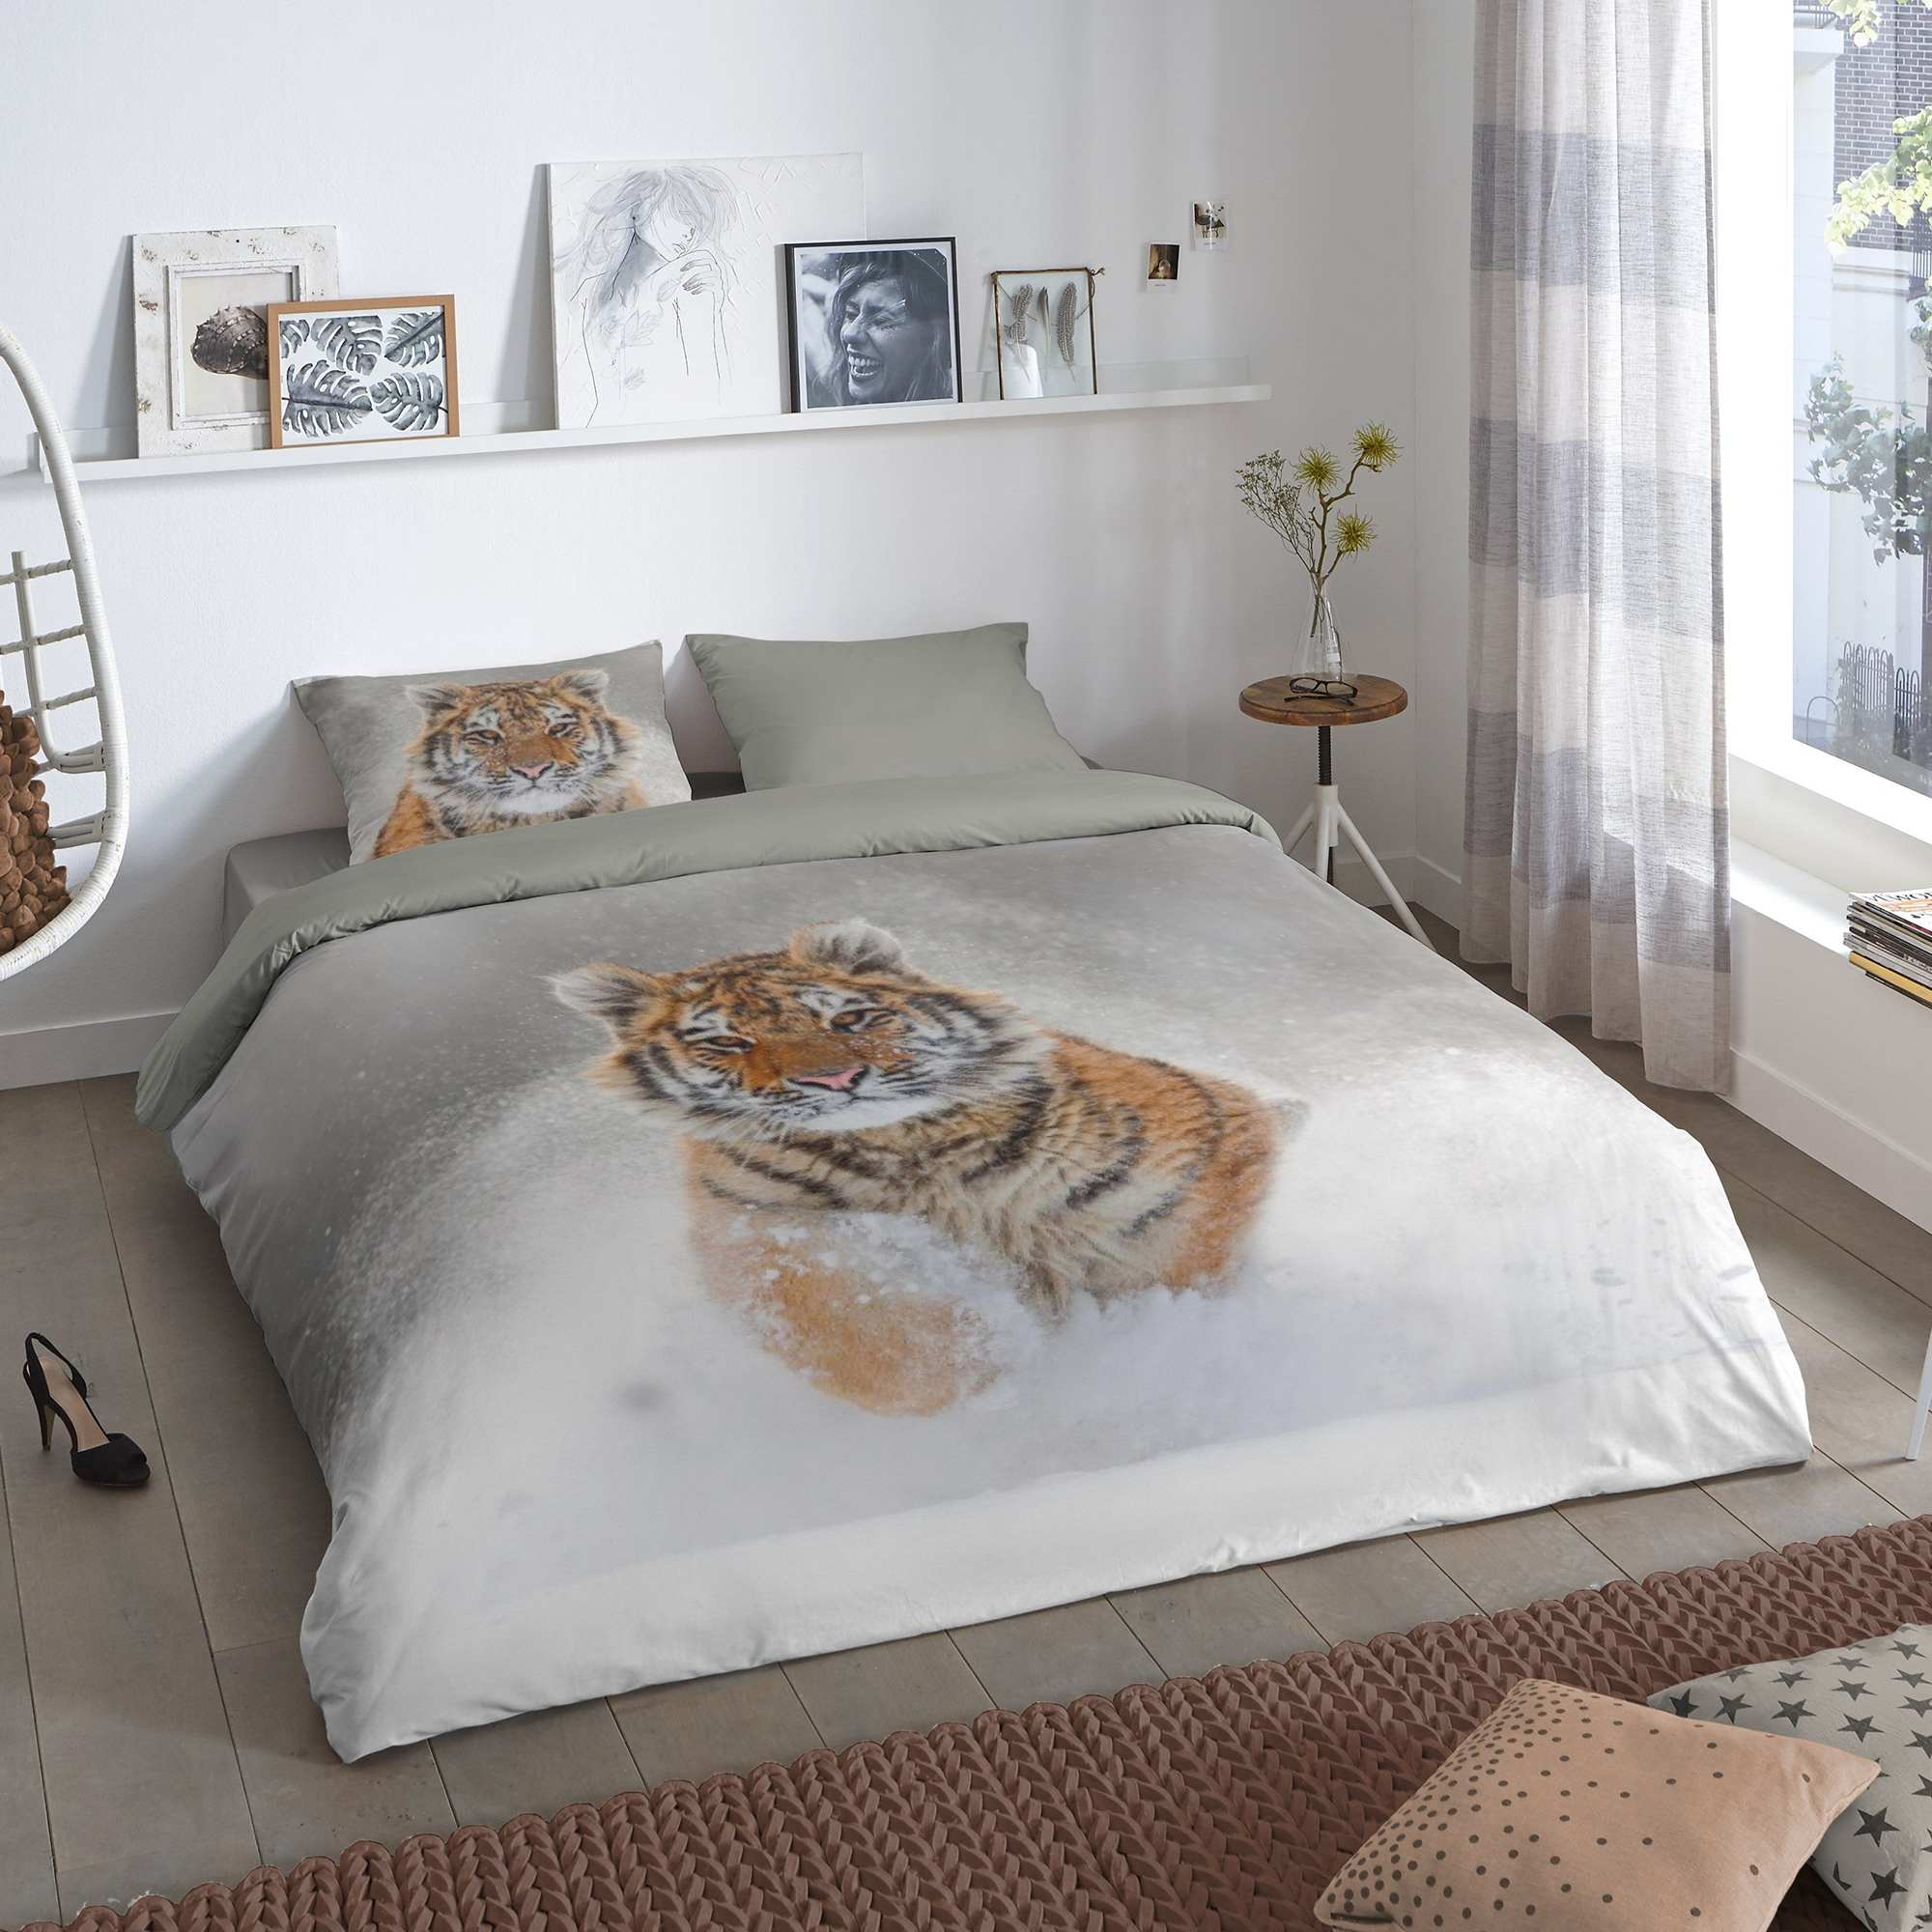 Parure letto matrimoniale stampa 39 tigre 39 casa grigio - Letto matrimoniale grigio ...